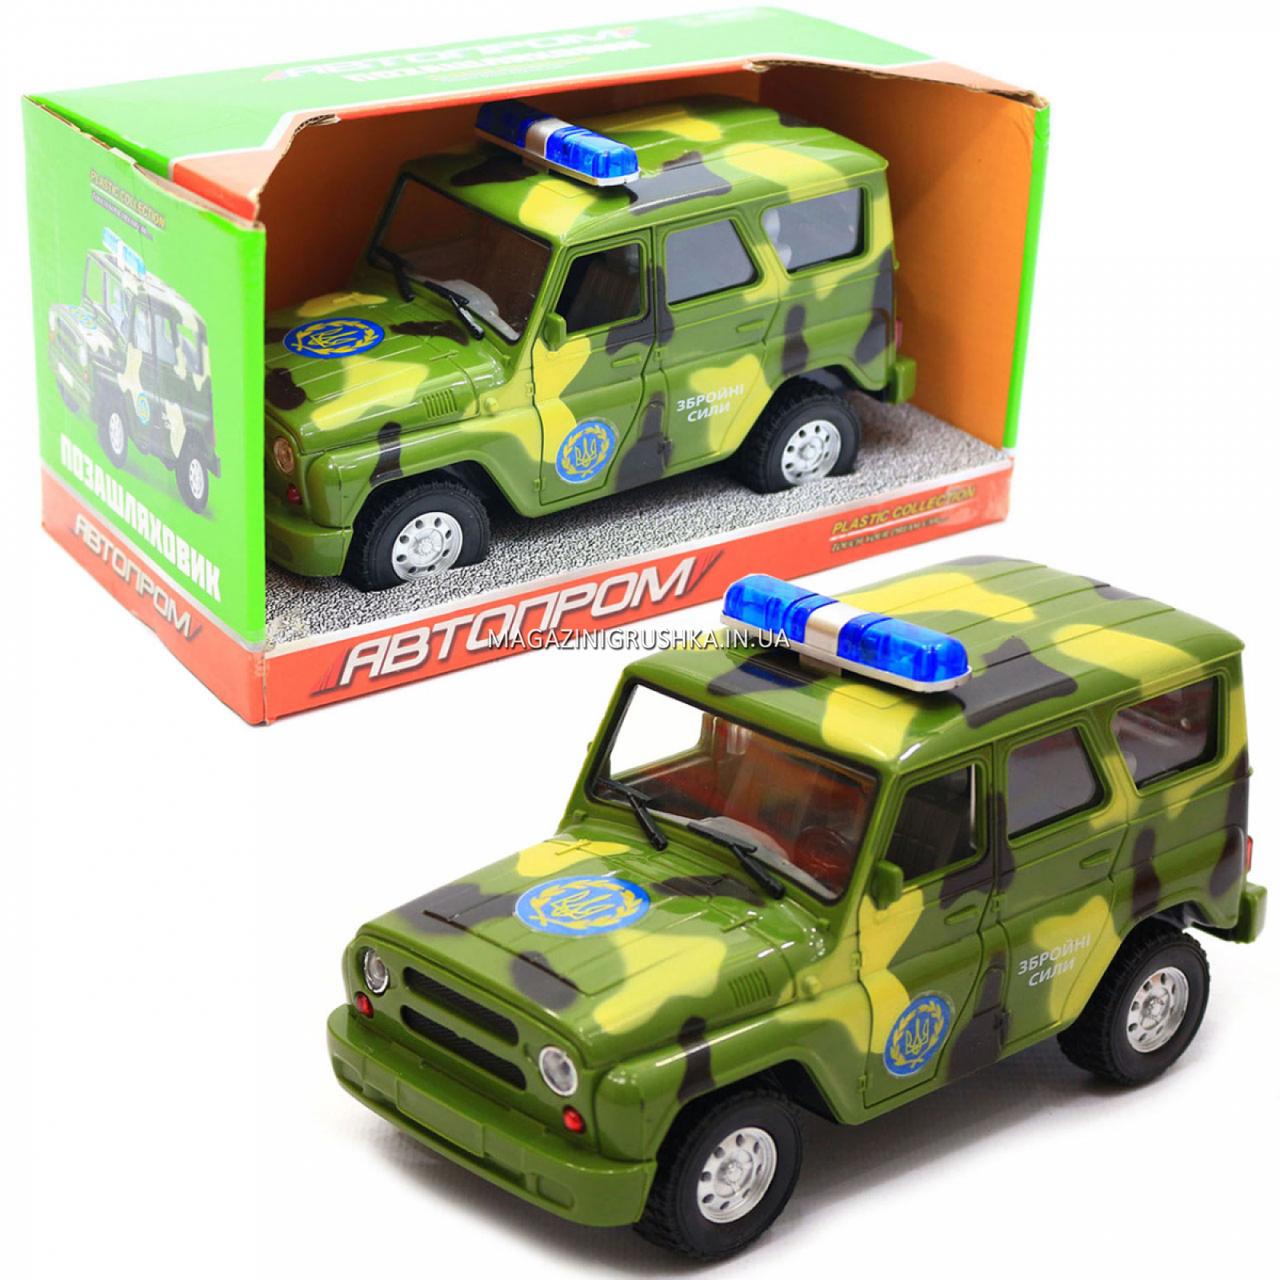 Машинка игровая Автопром Внедорожник (Вооруженные силы) со световыми и звуковыми эффектами (7659-3)